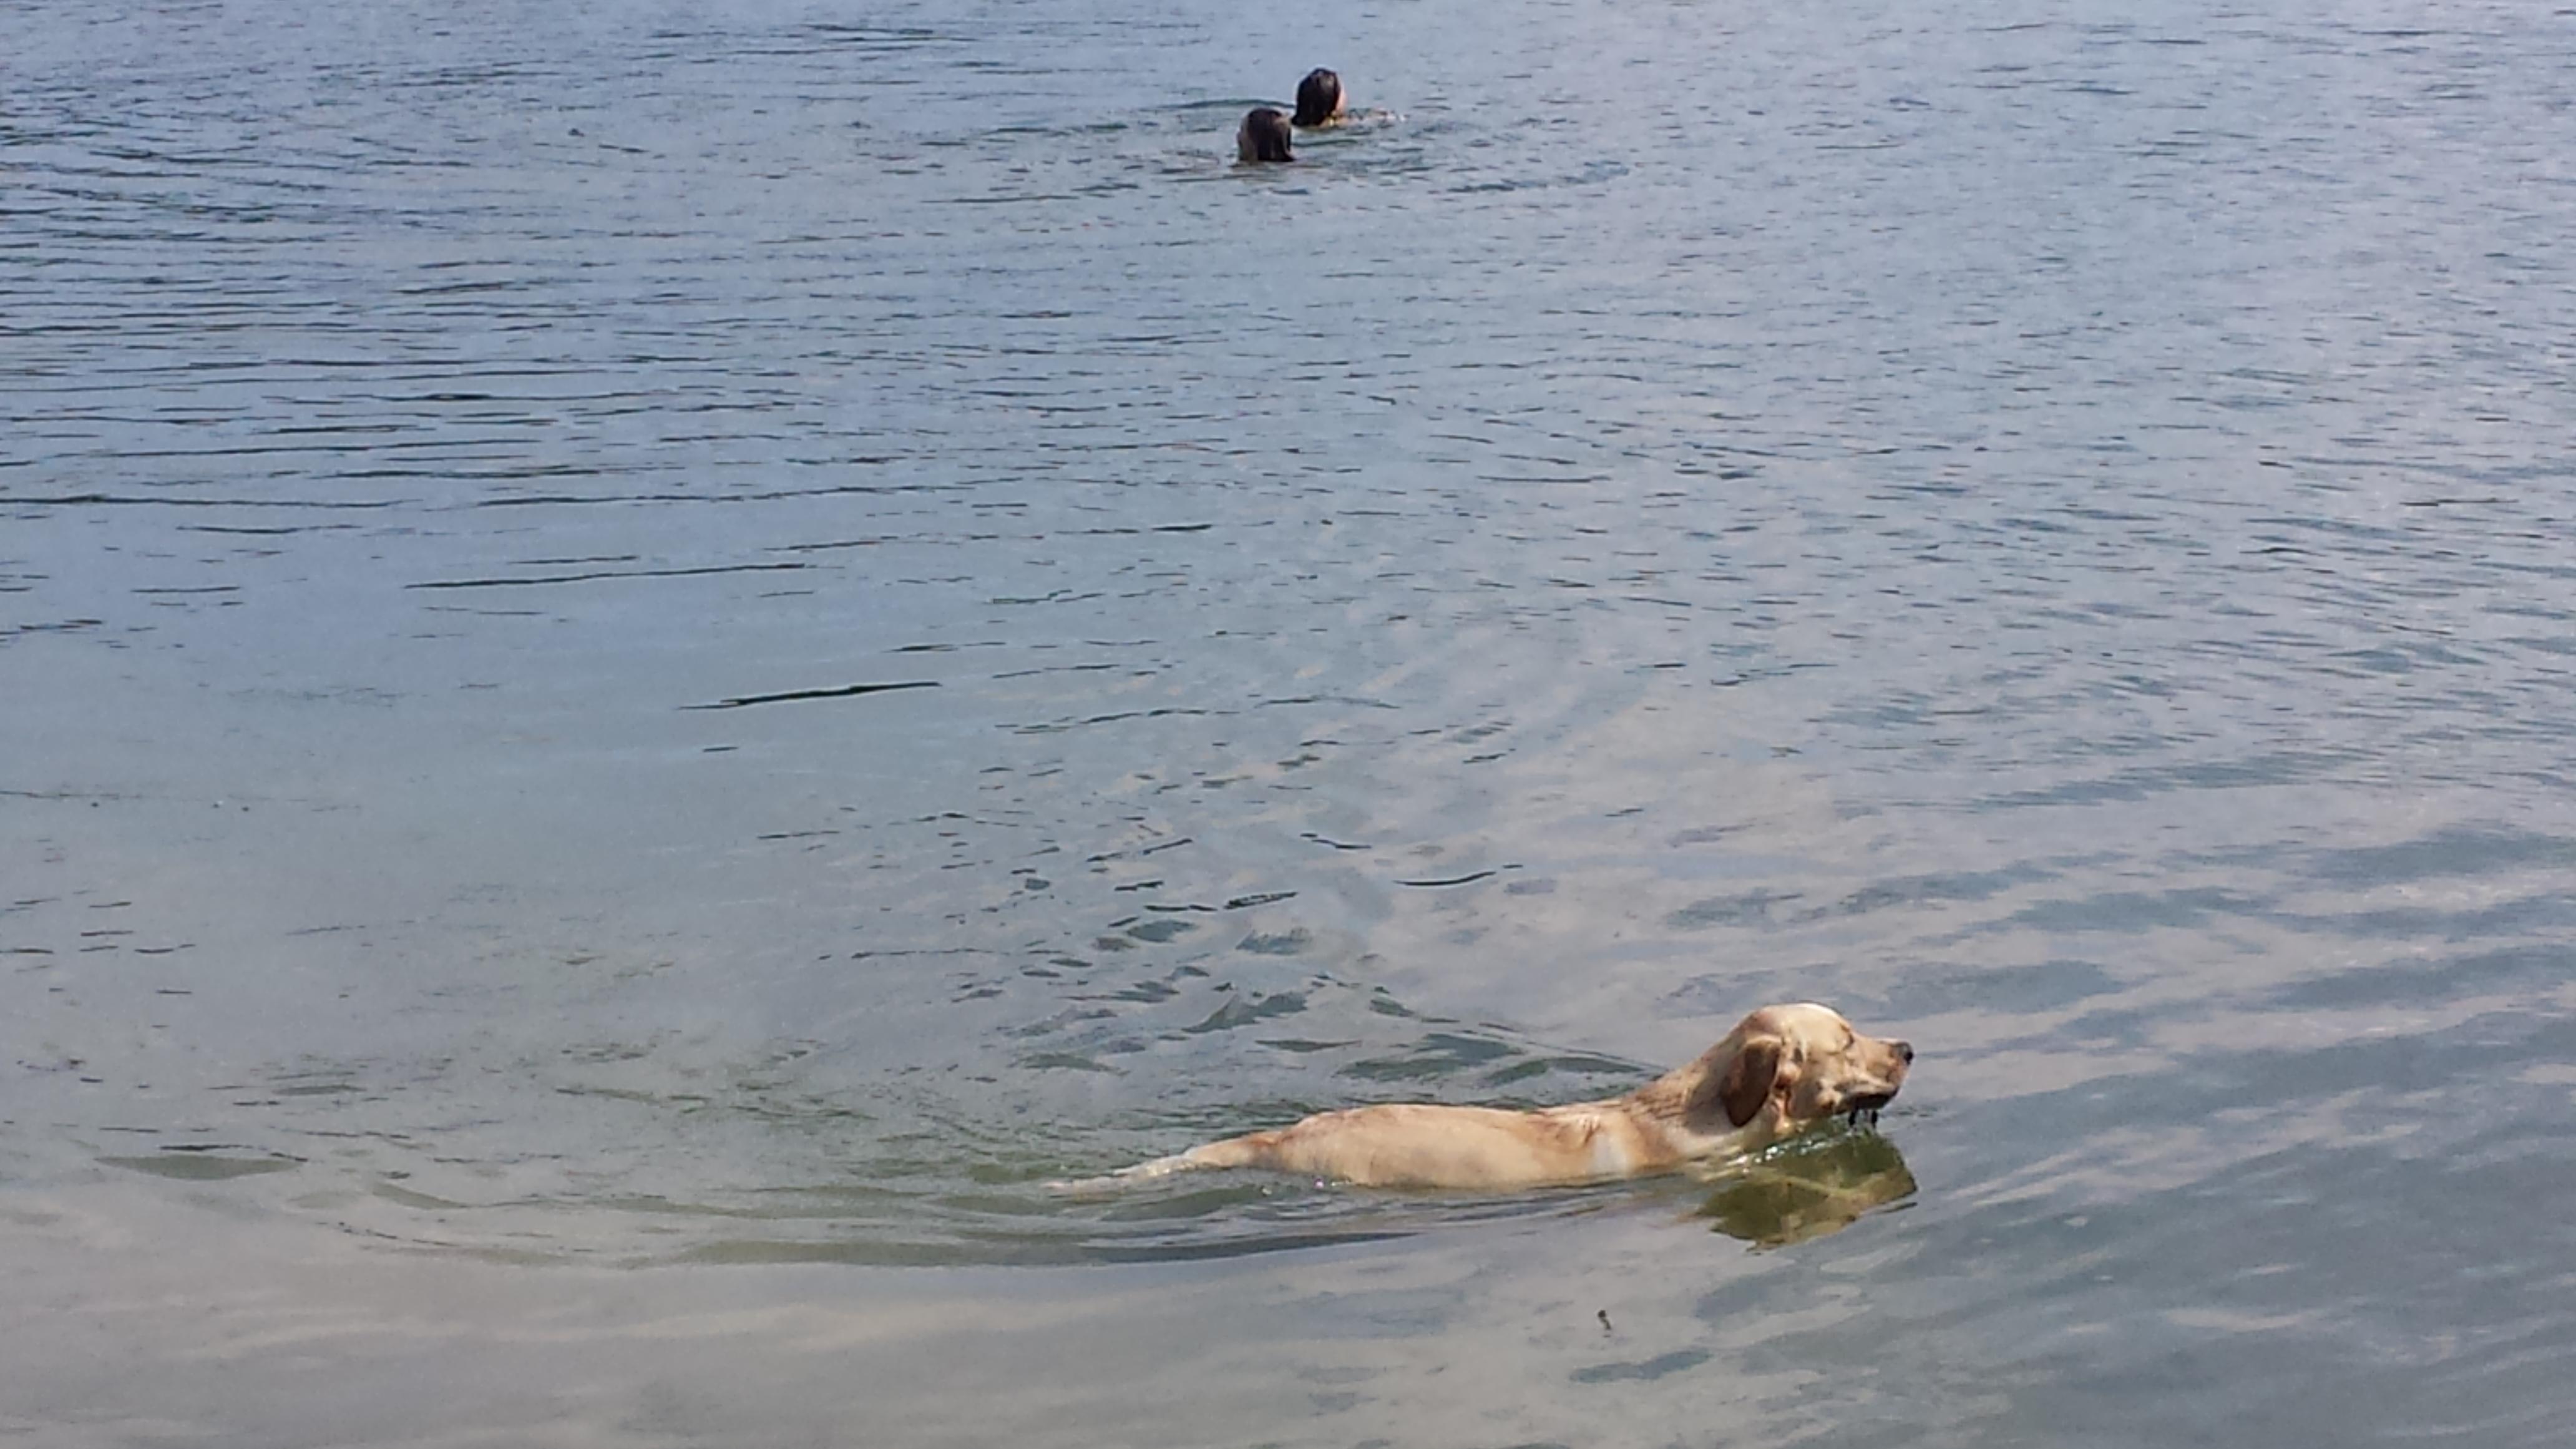 amberschwimmtvorbei